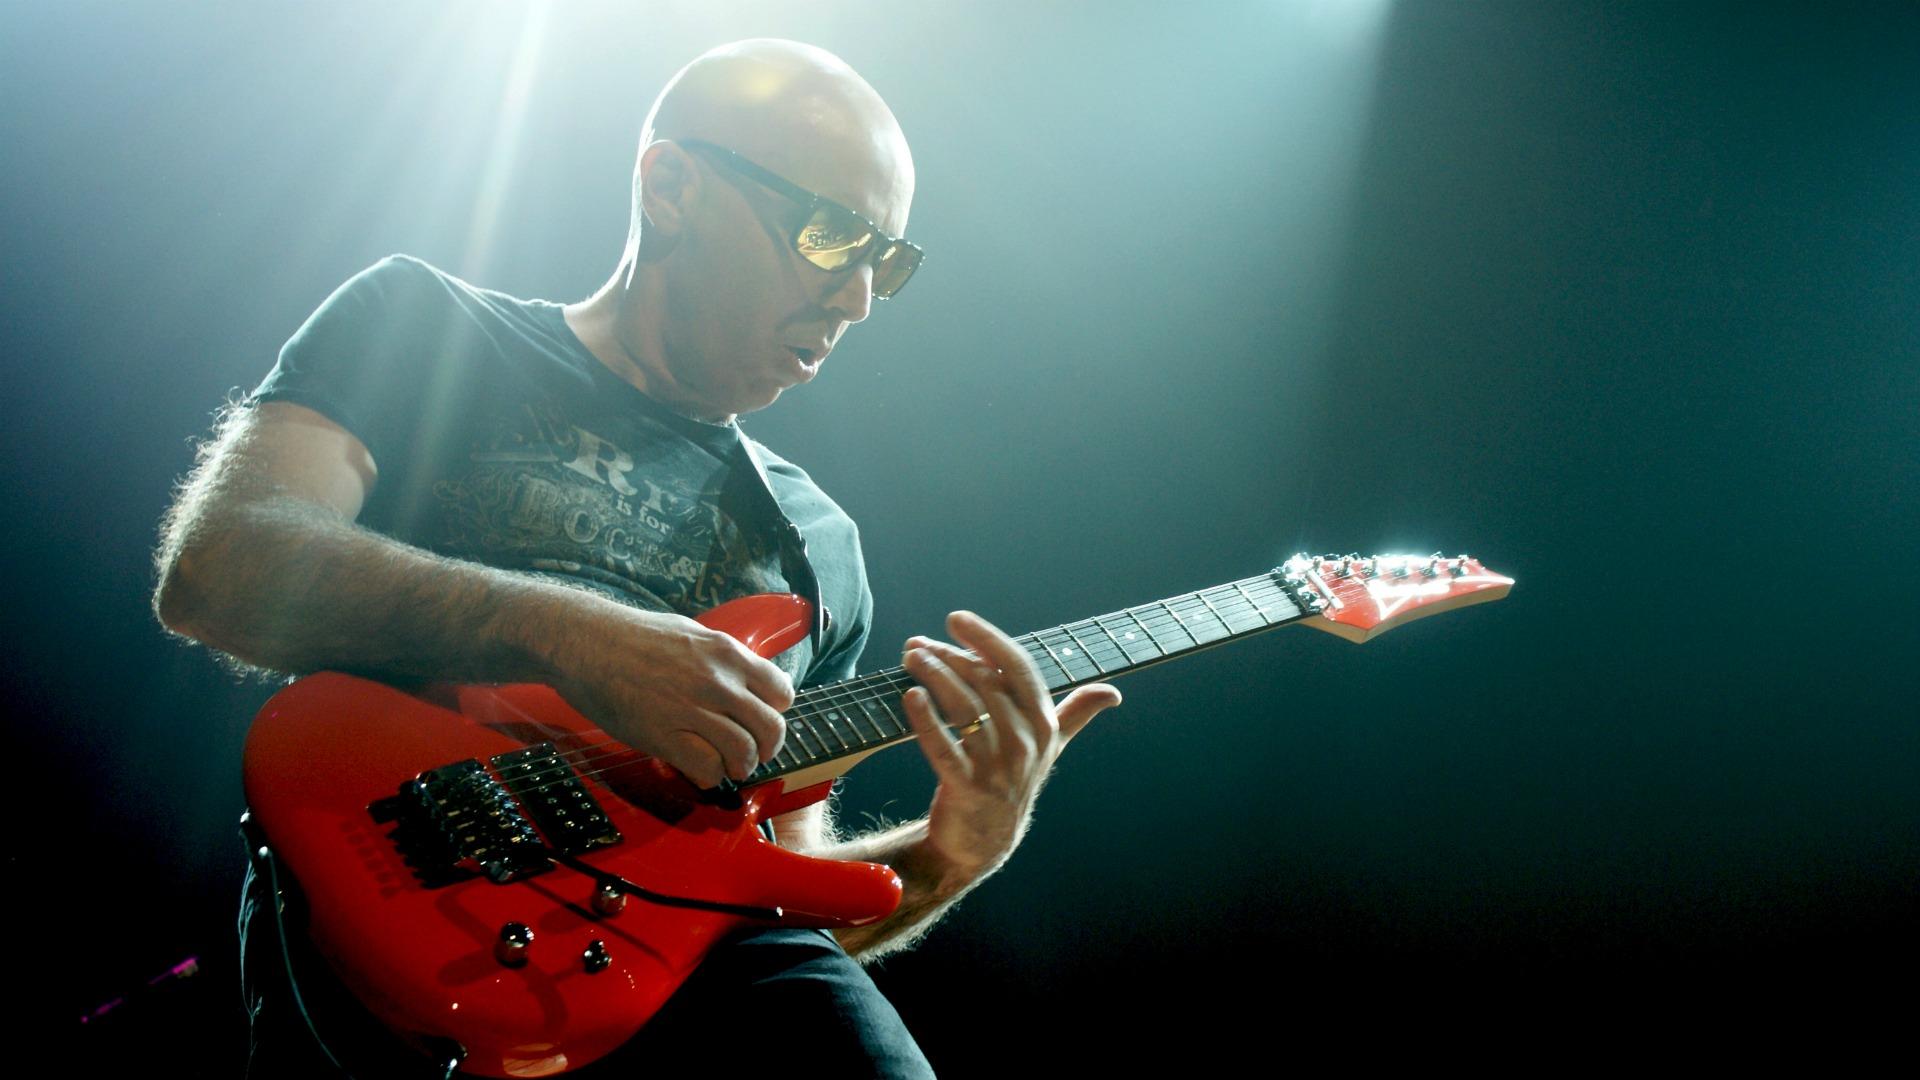 Joe Satriani Full HD Wallpaper and Background 1920x1080 1920x1080